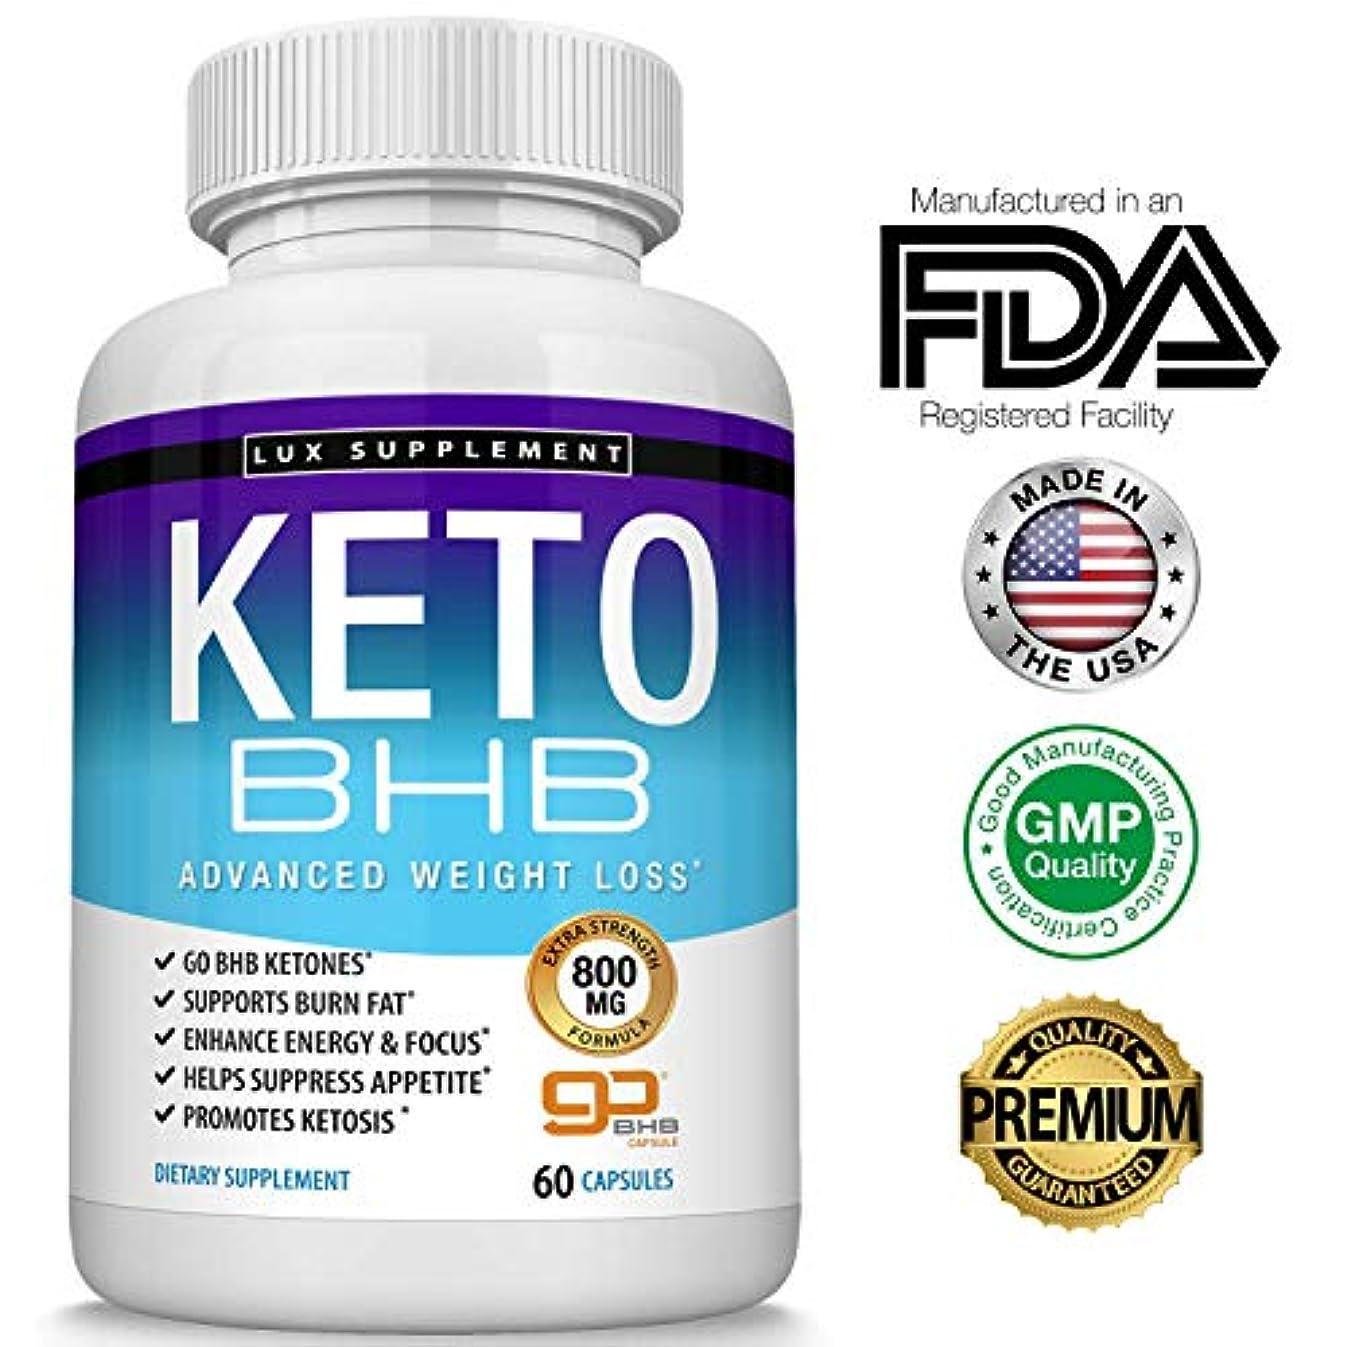 効果的にゴミ剪断Lux Supplement ケト BHB Keto Pills Advanced ケトジェニック ダイエット 燃焼系 サプリ 60粒 [海外直送品]